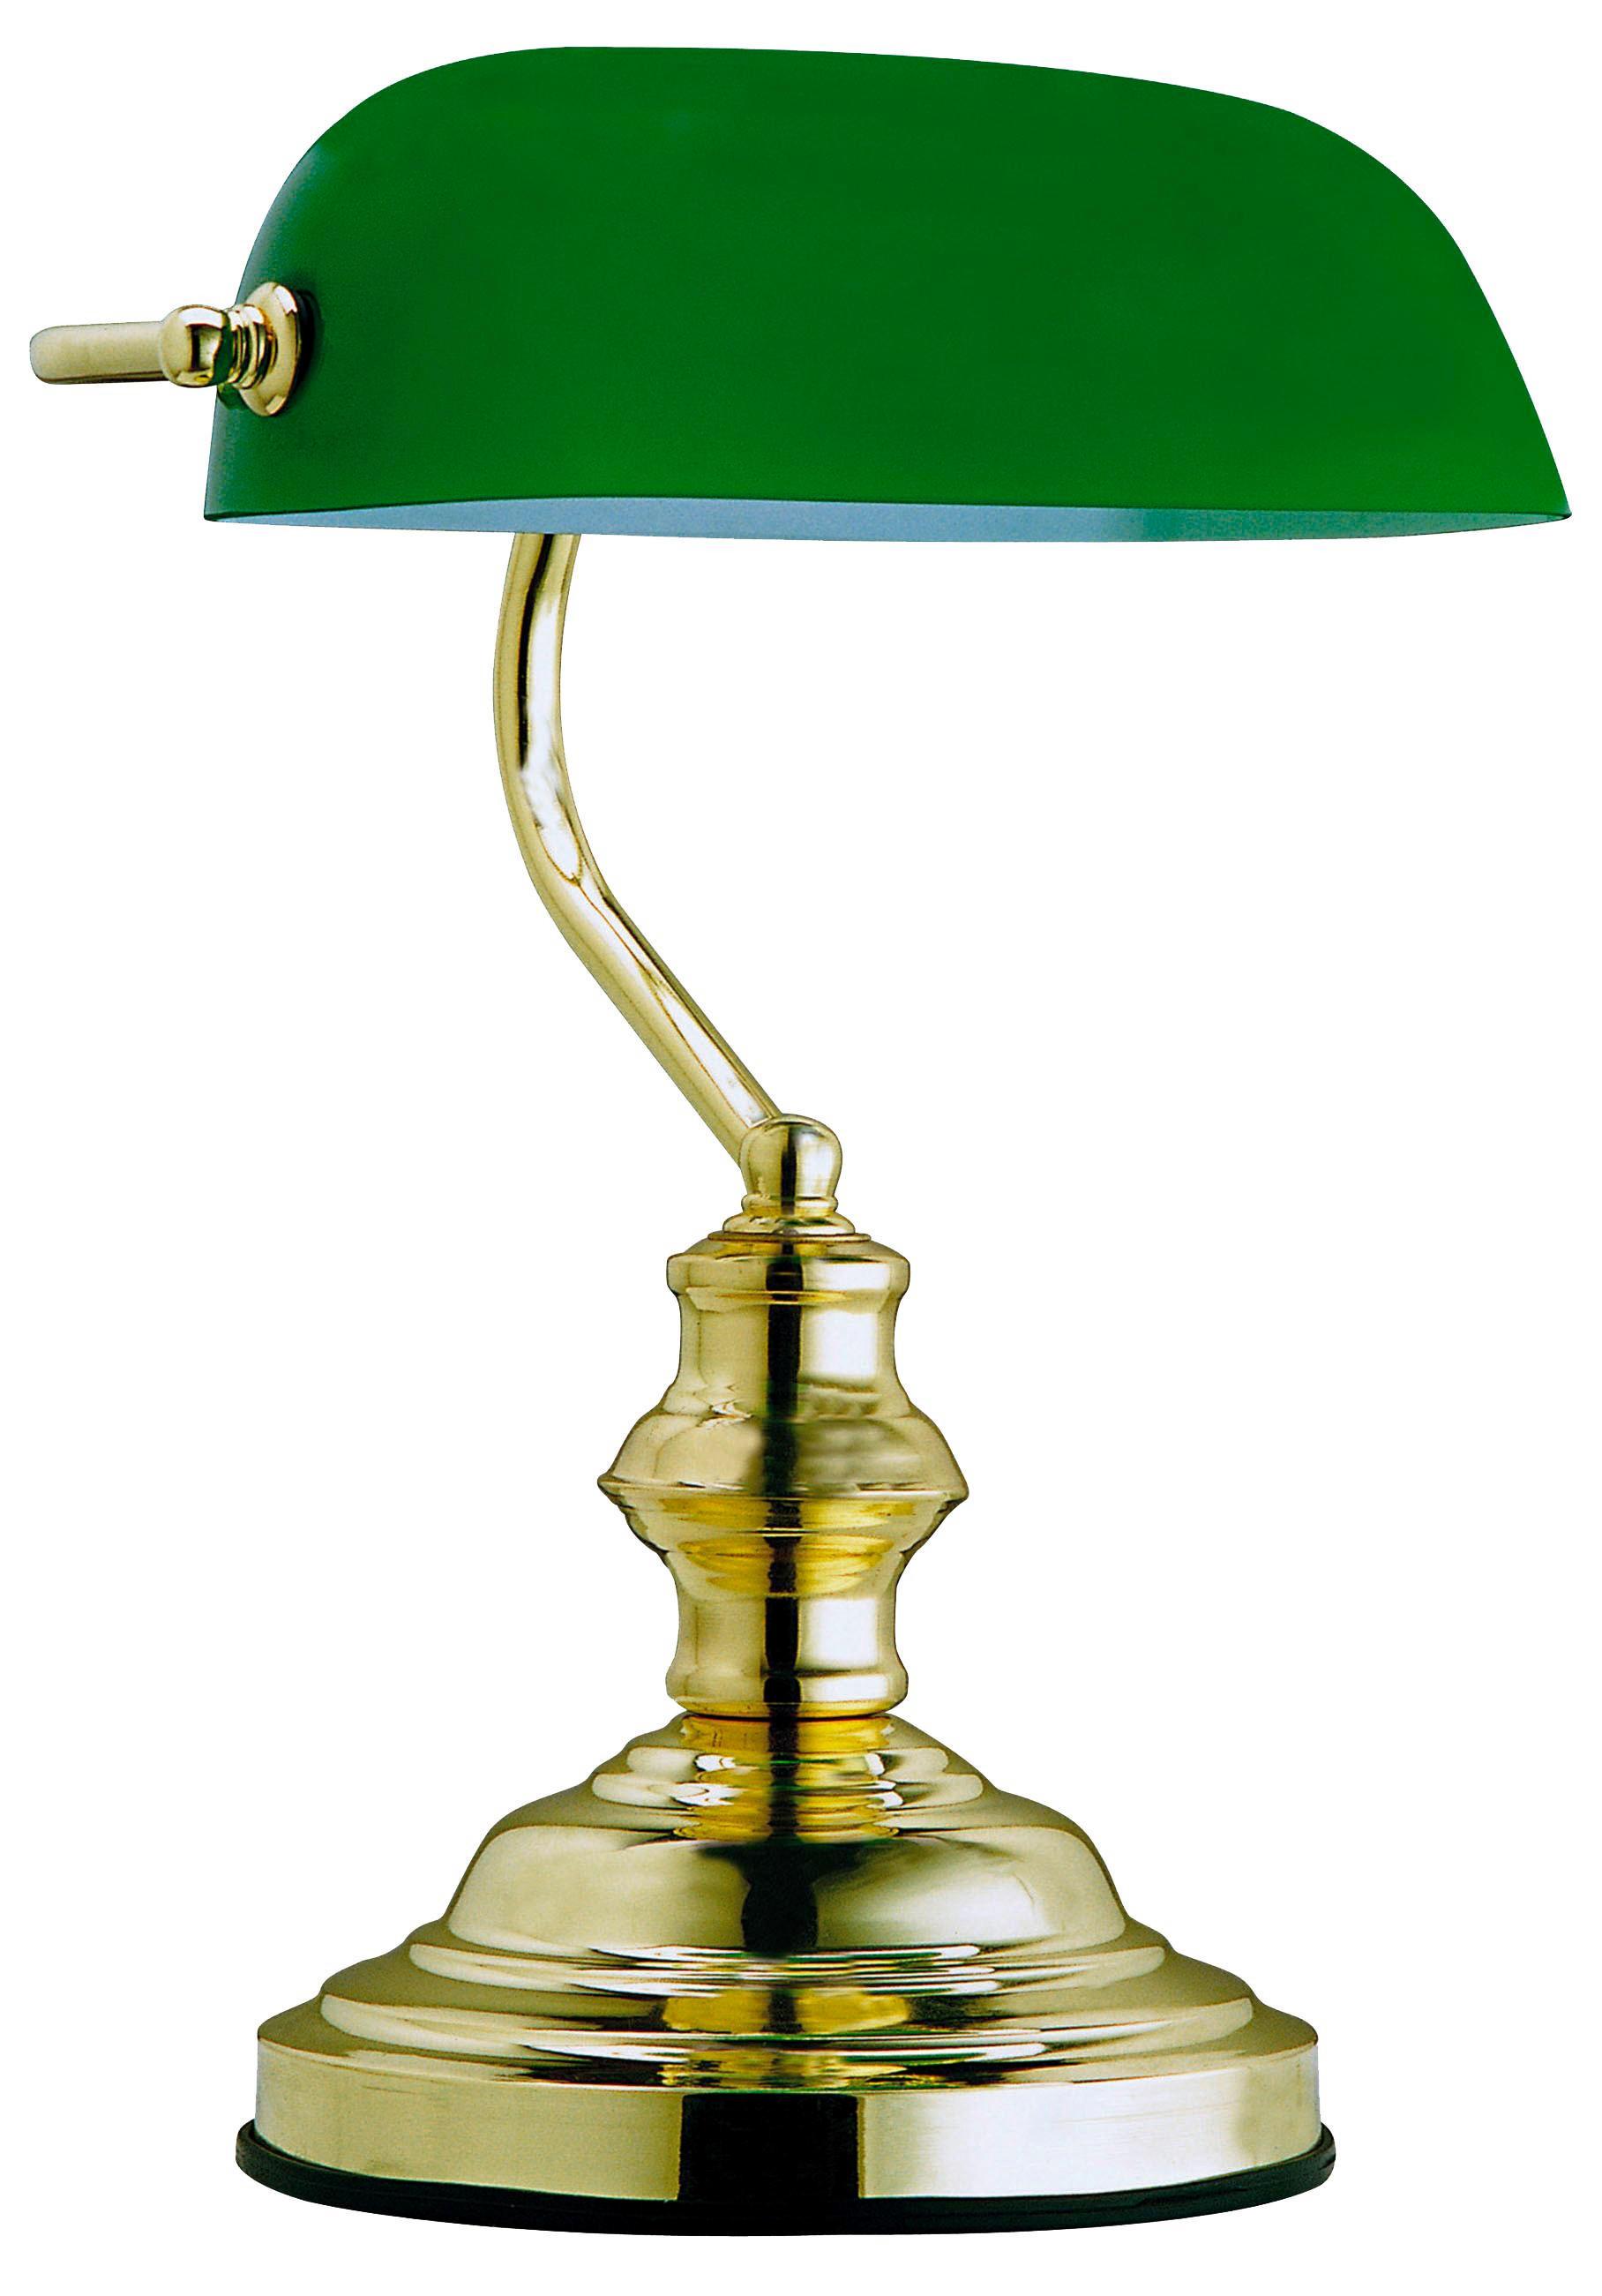 SVJETILJKA ZA PISAĆI STOL - zelena, Lifestyle, staklo/metal (25/36cm) - LANDSCAPE